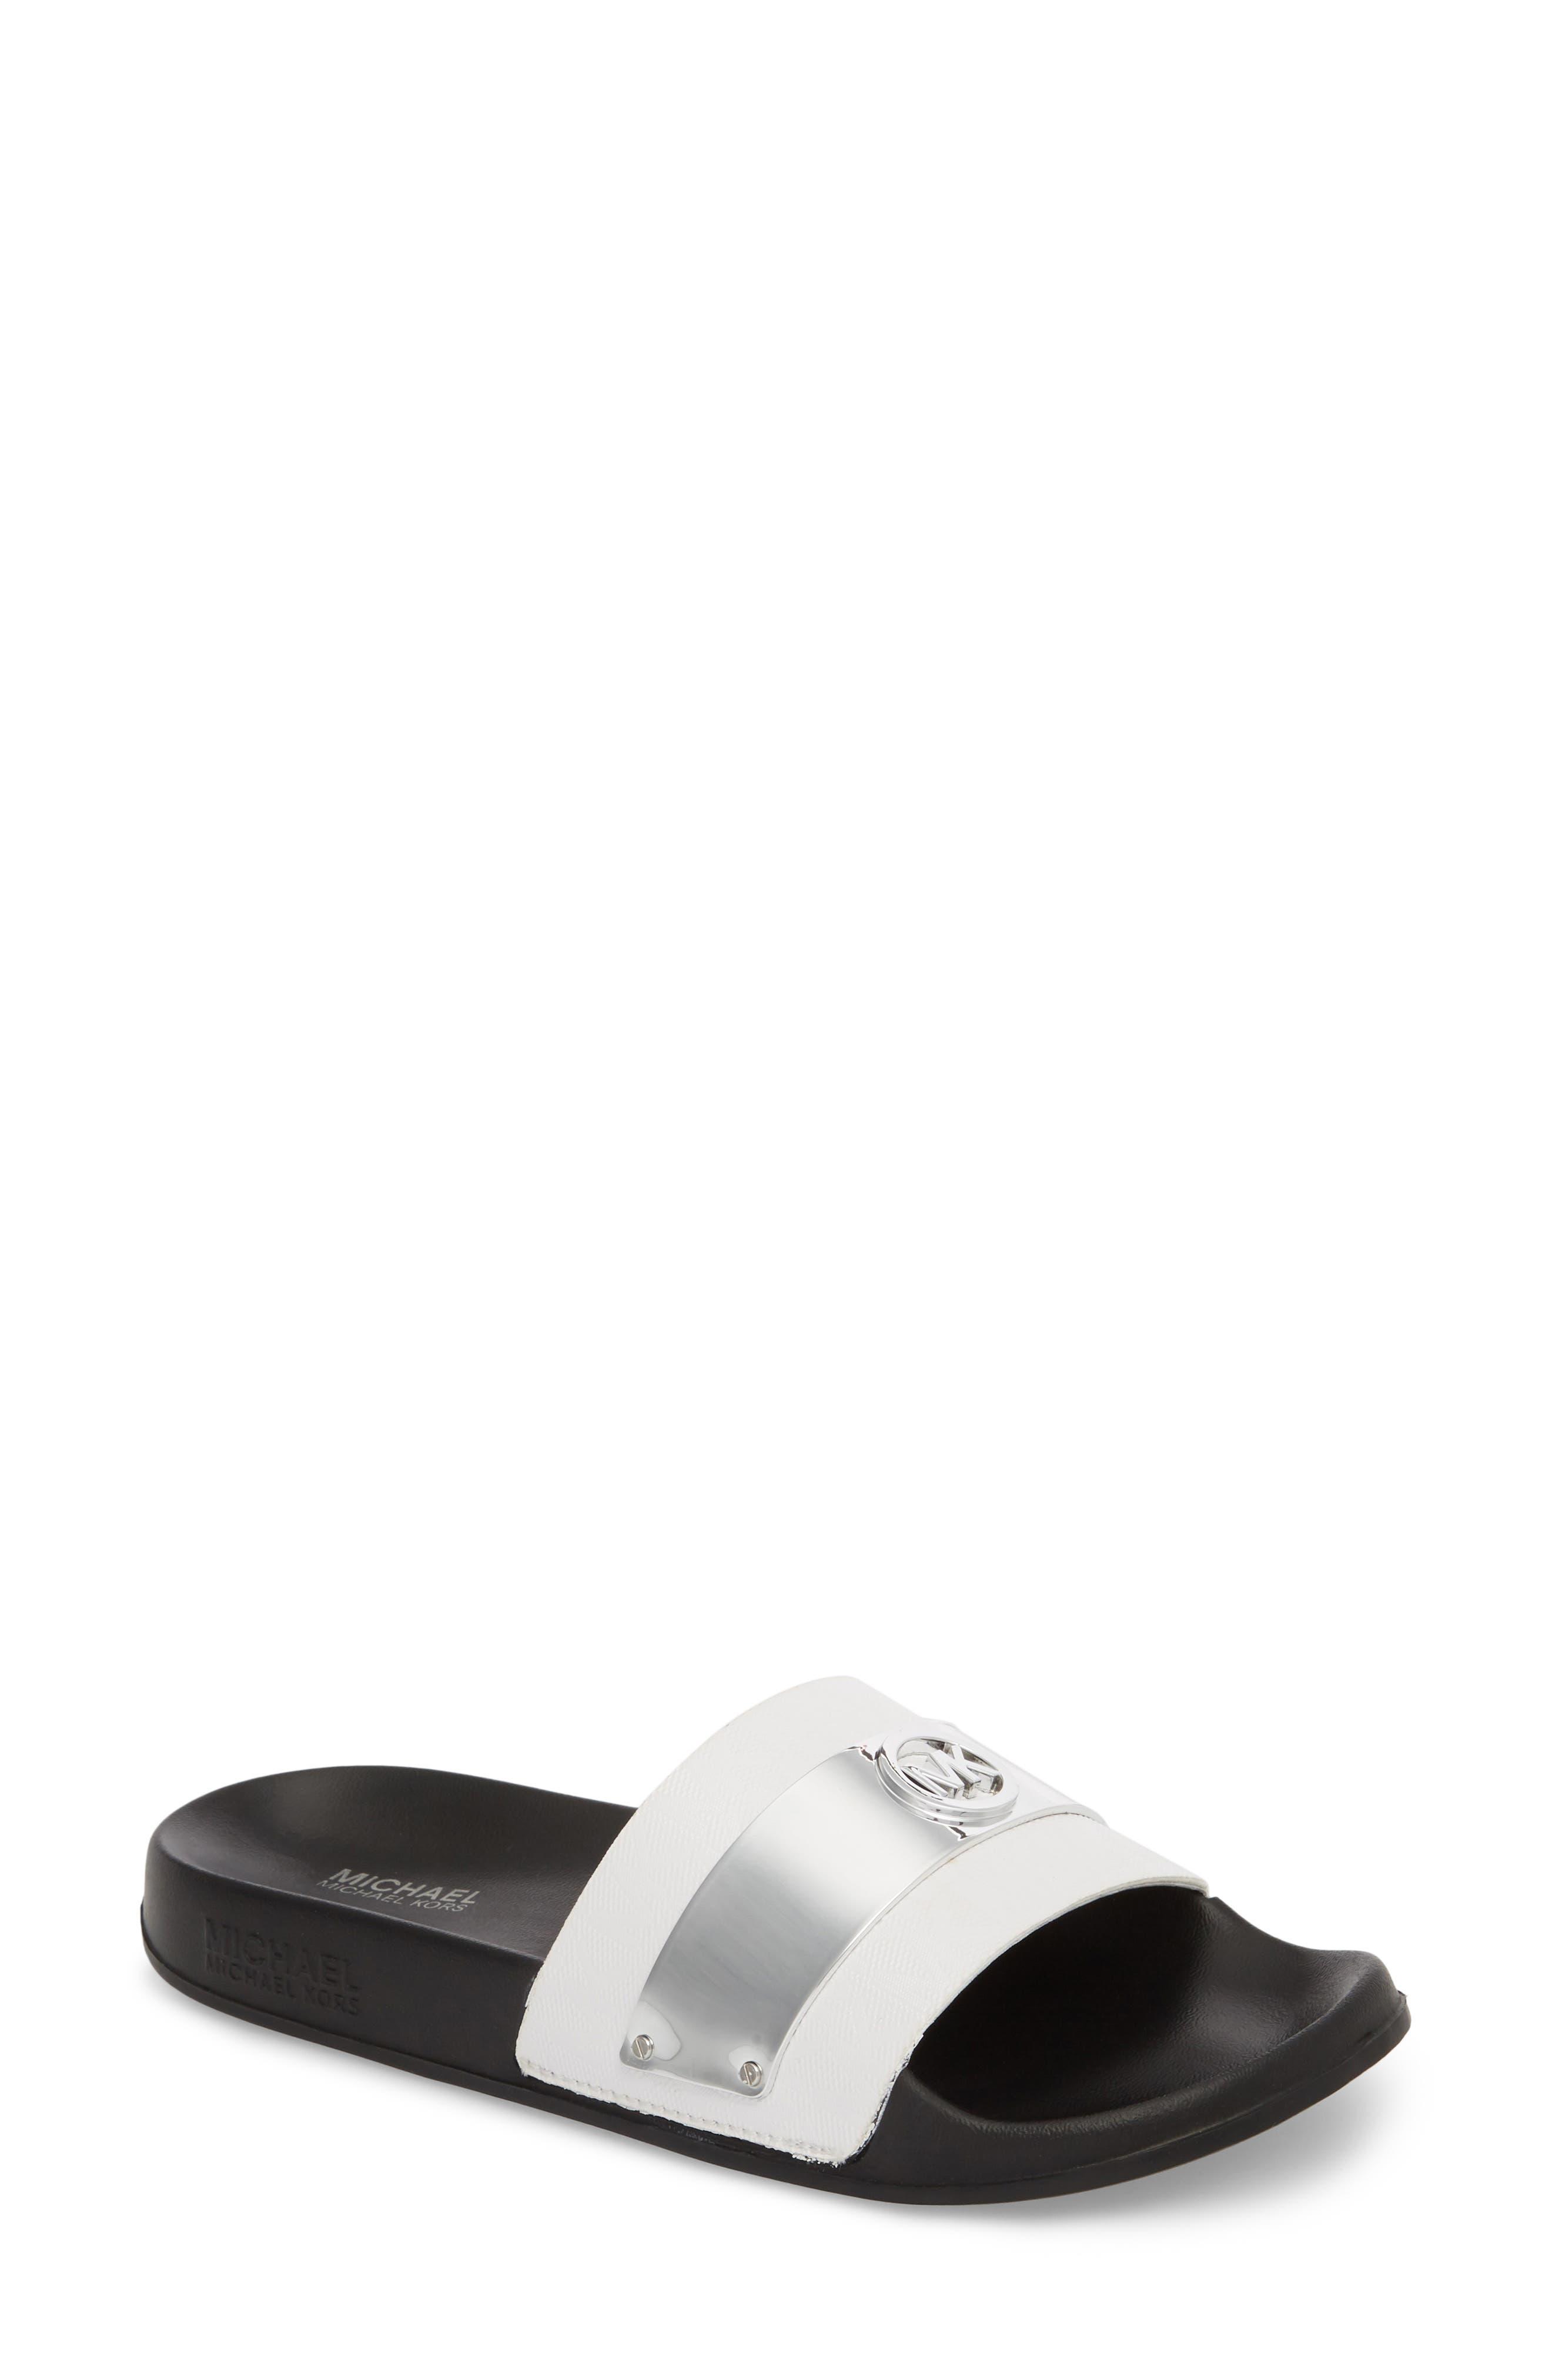 Jett Slide Sandal,                         Main,                         color,